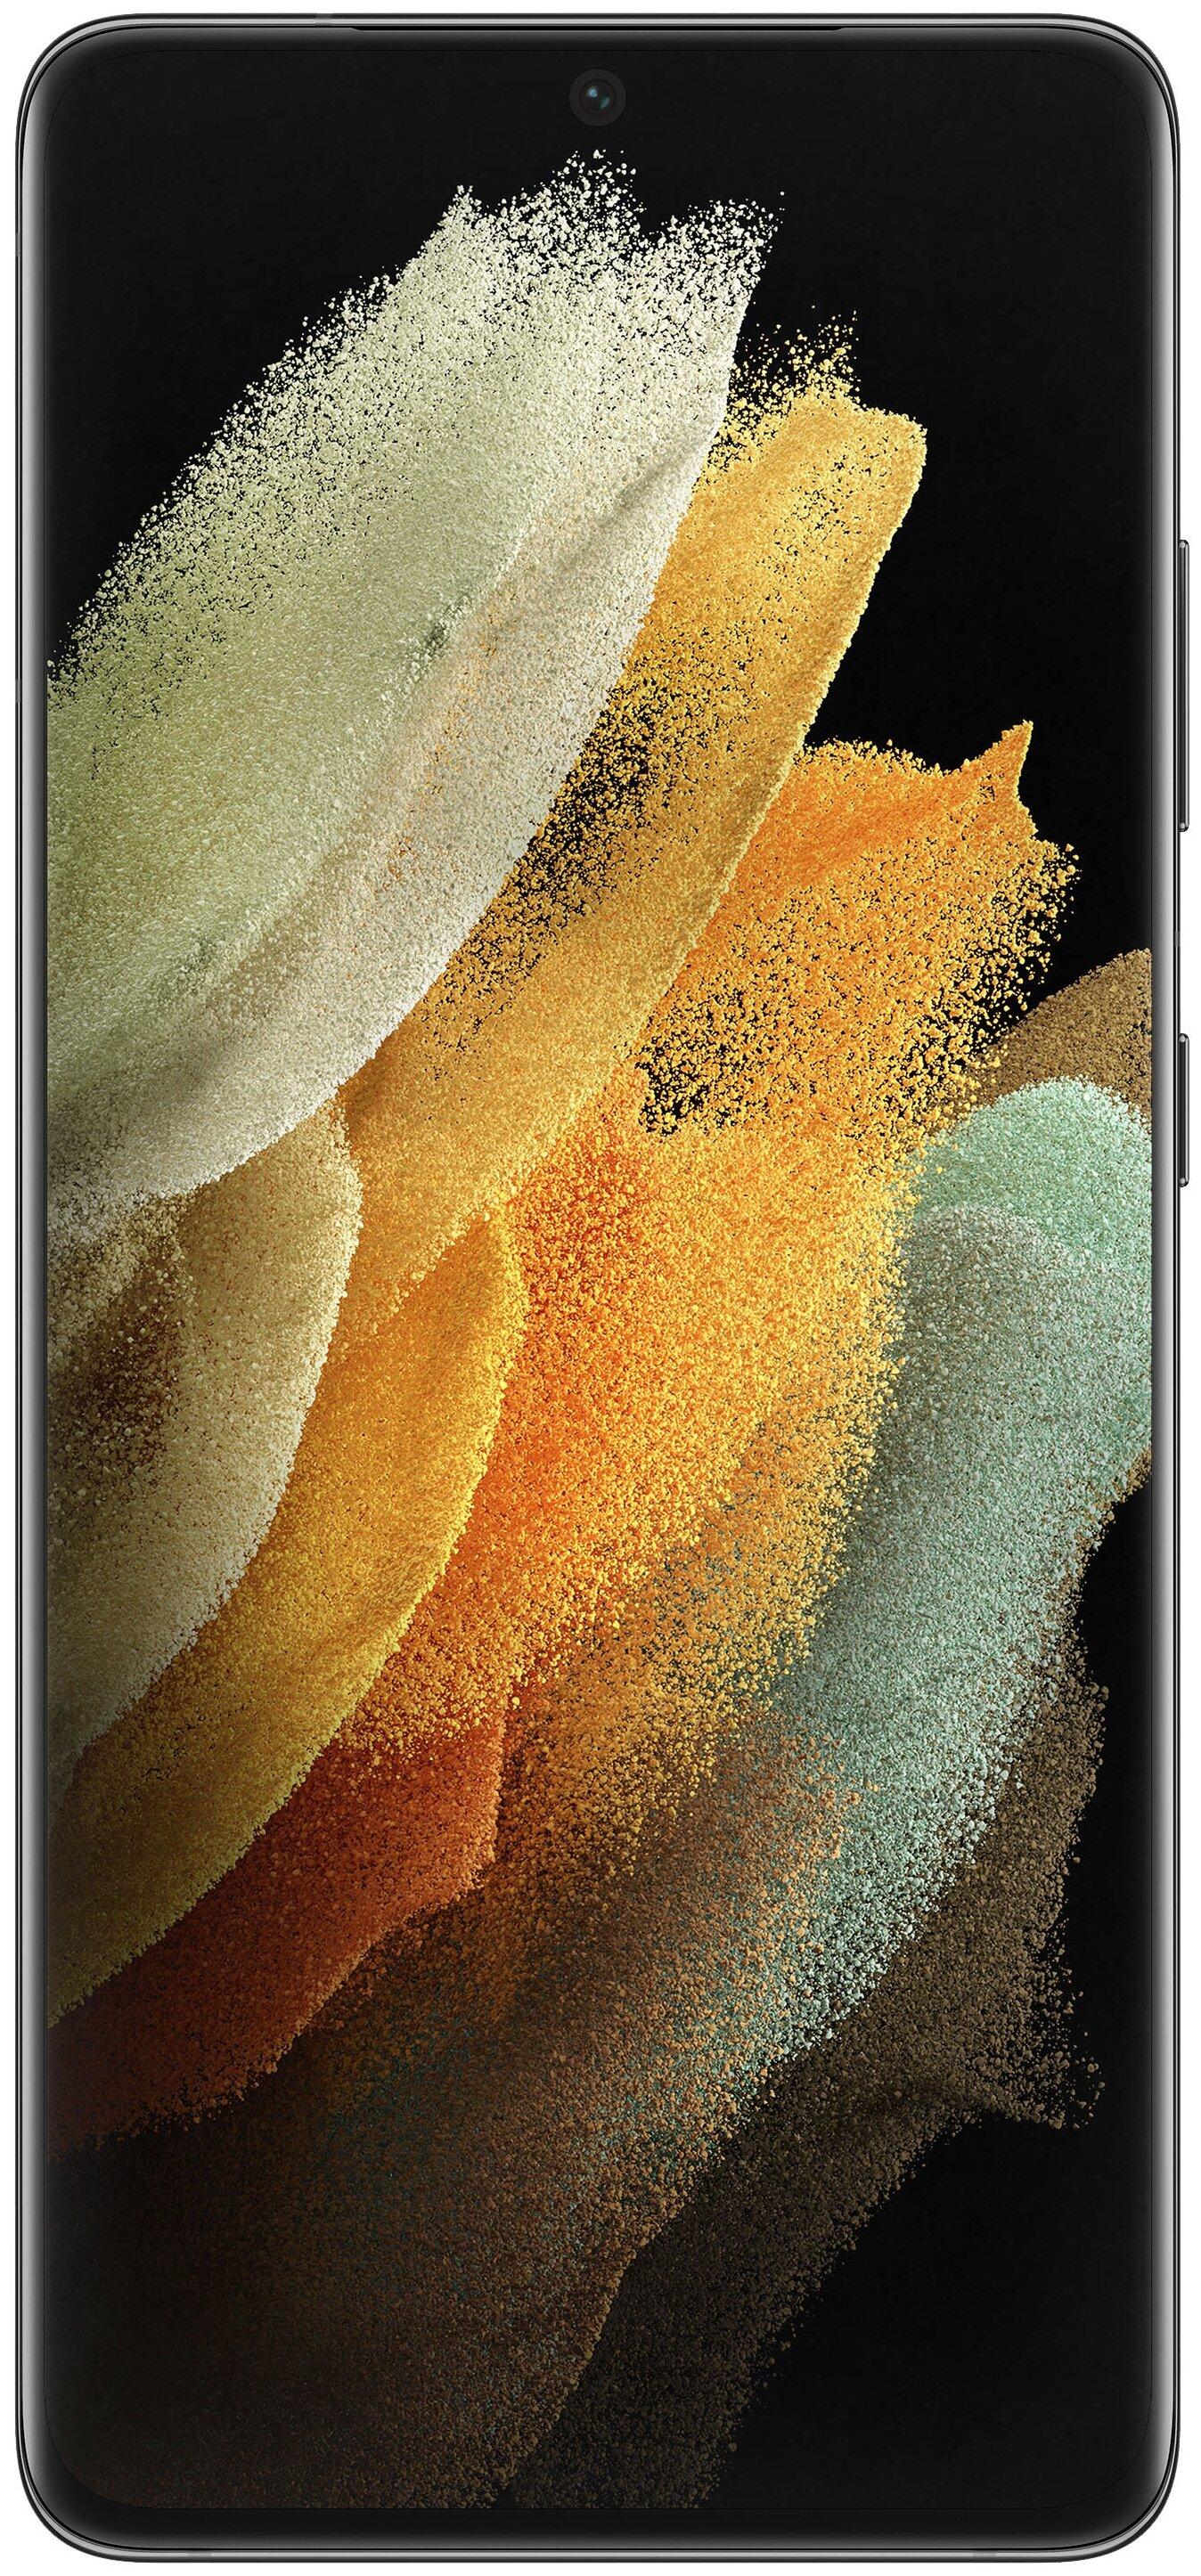 Samsung Galaxy S21 Ultra 5G 12/128GB - беспроводные интерфейсы: NFC, Wi-Fi, Bluetooth 5.2